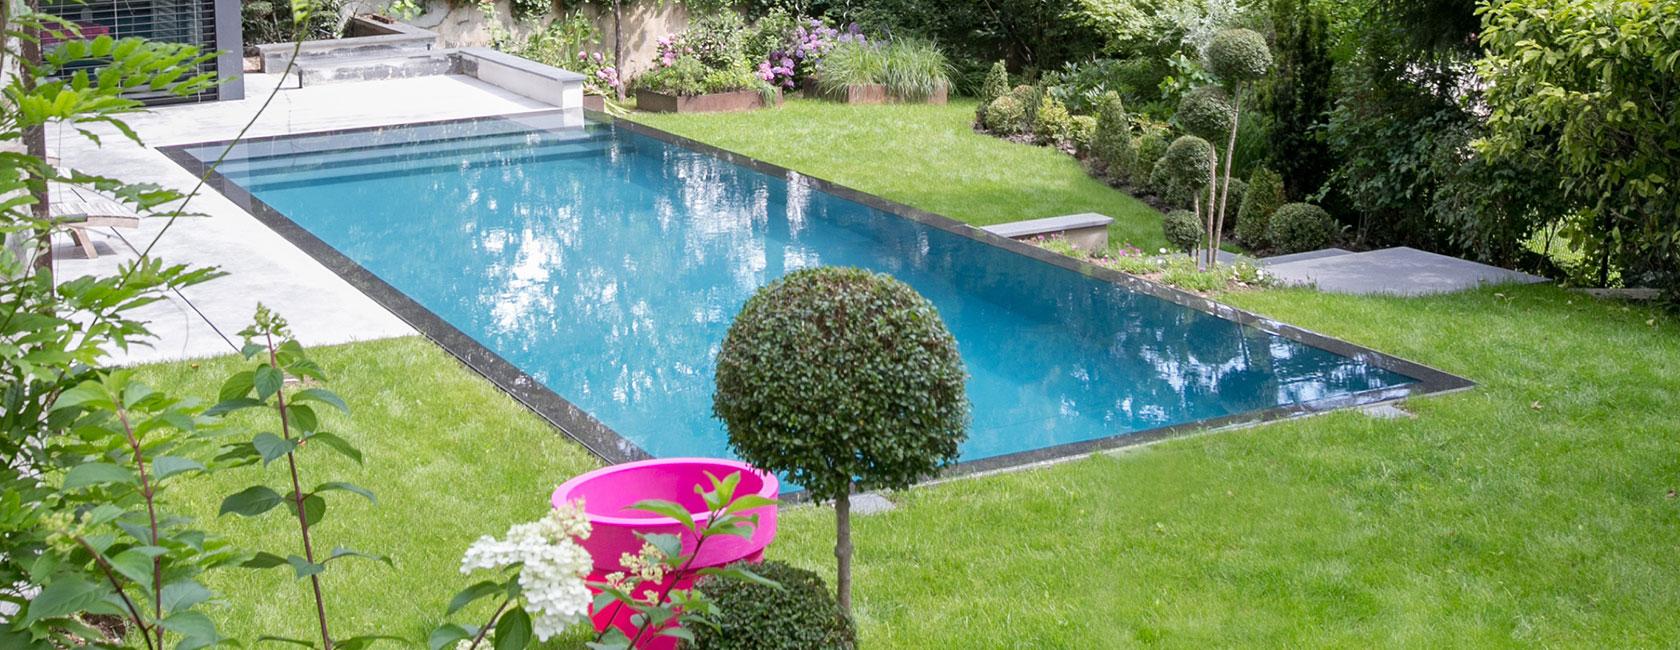 piscine miroir à débordement